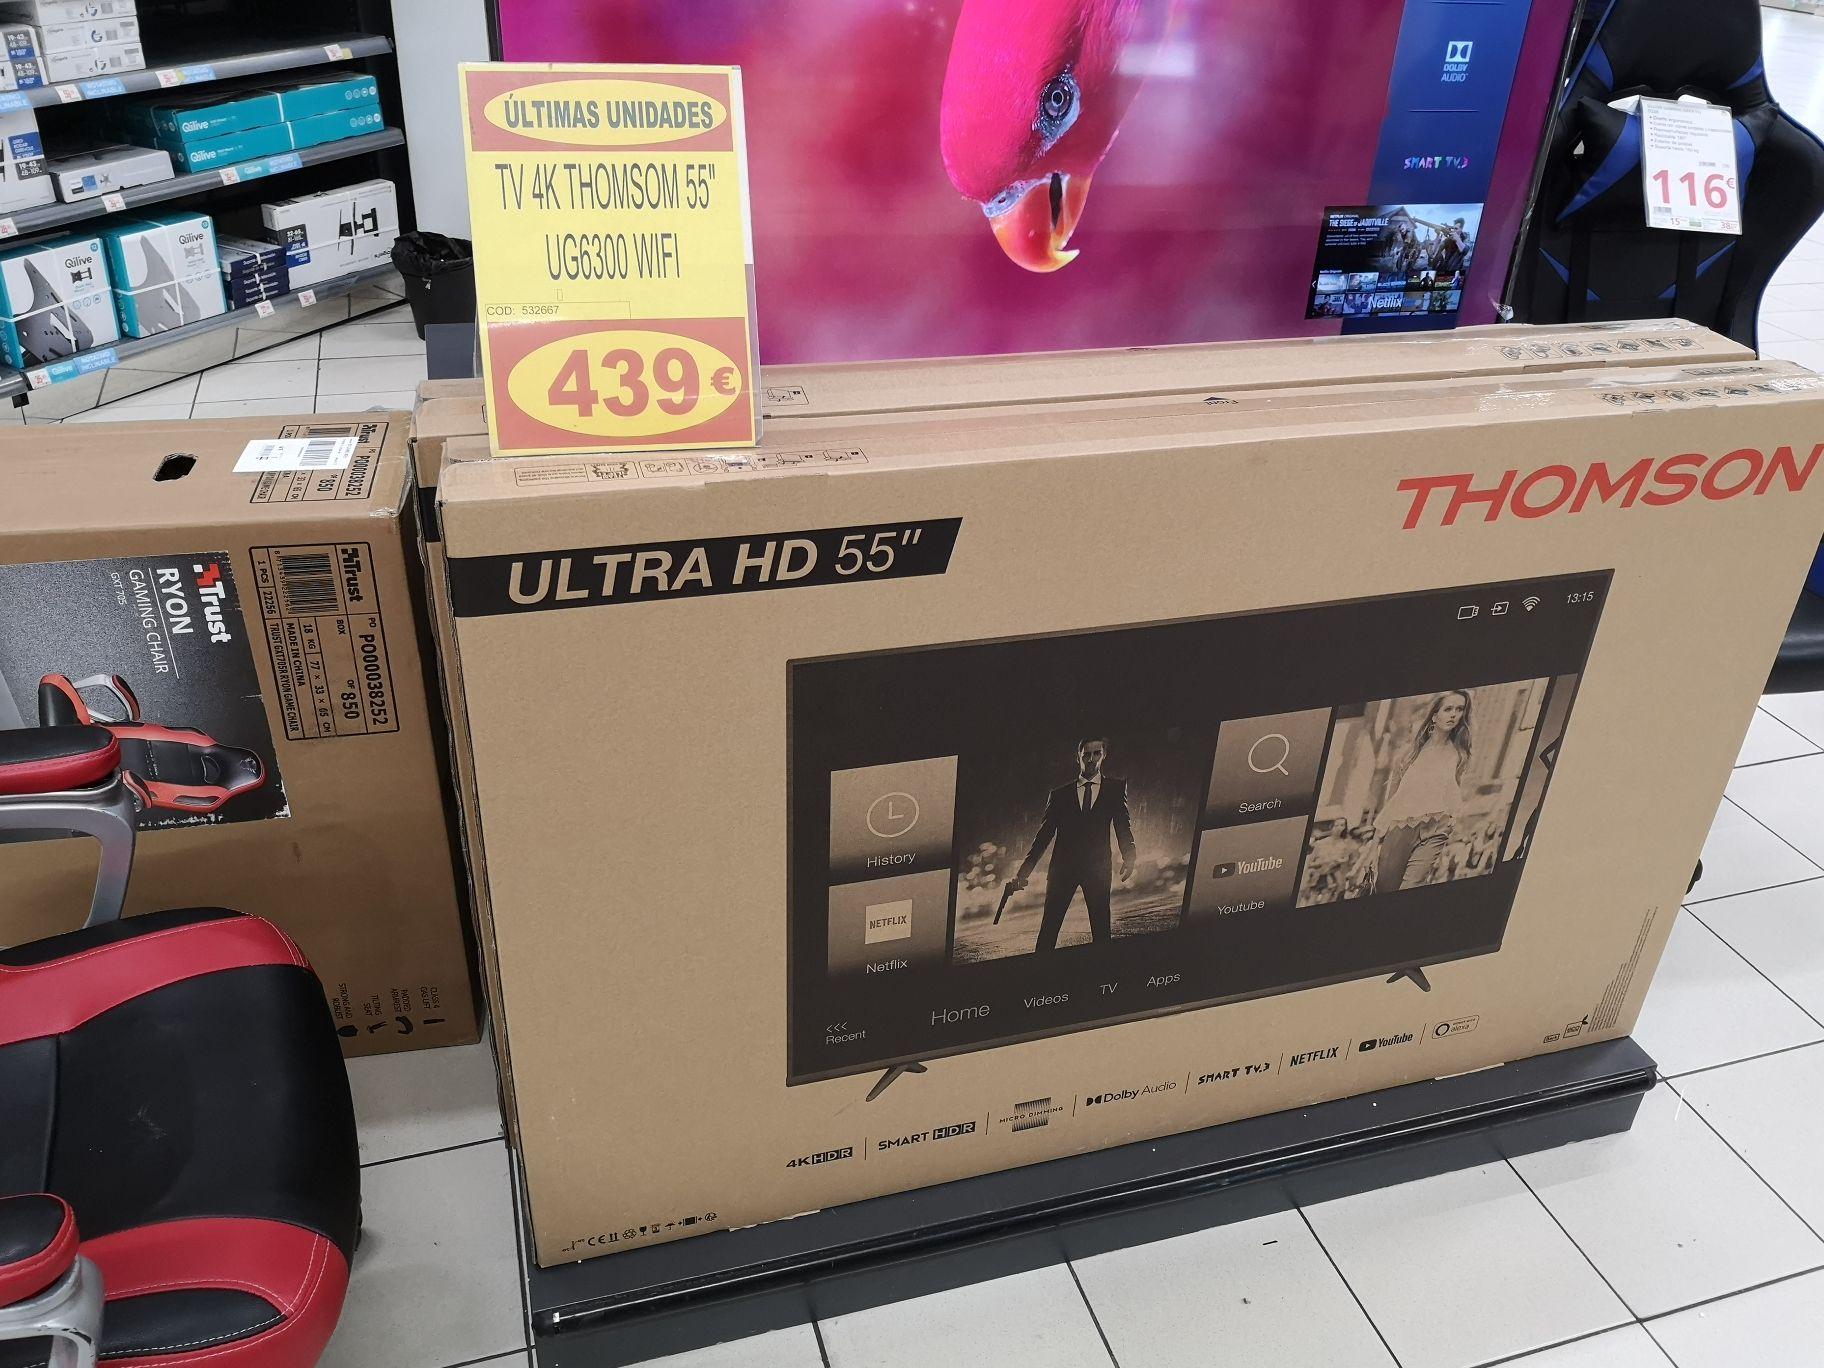 Smart Tv thomson ug6300 55 pulgadas